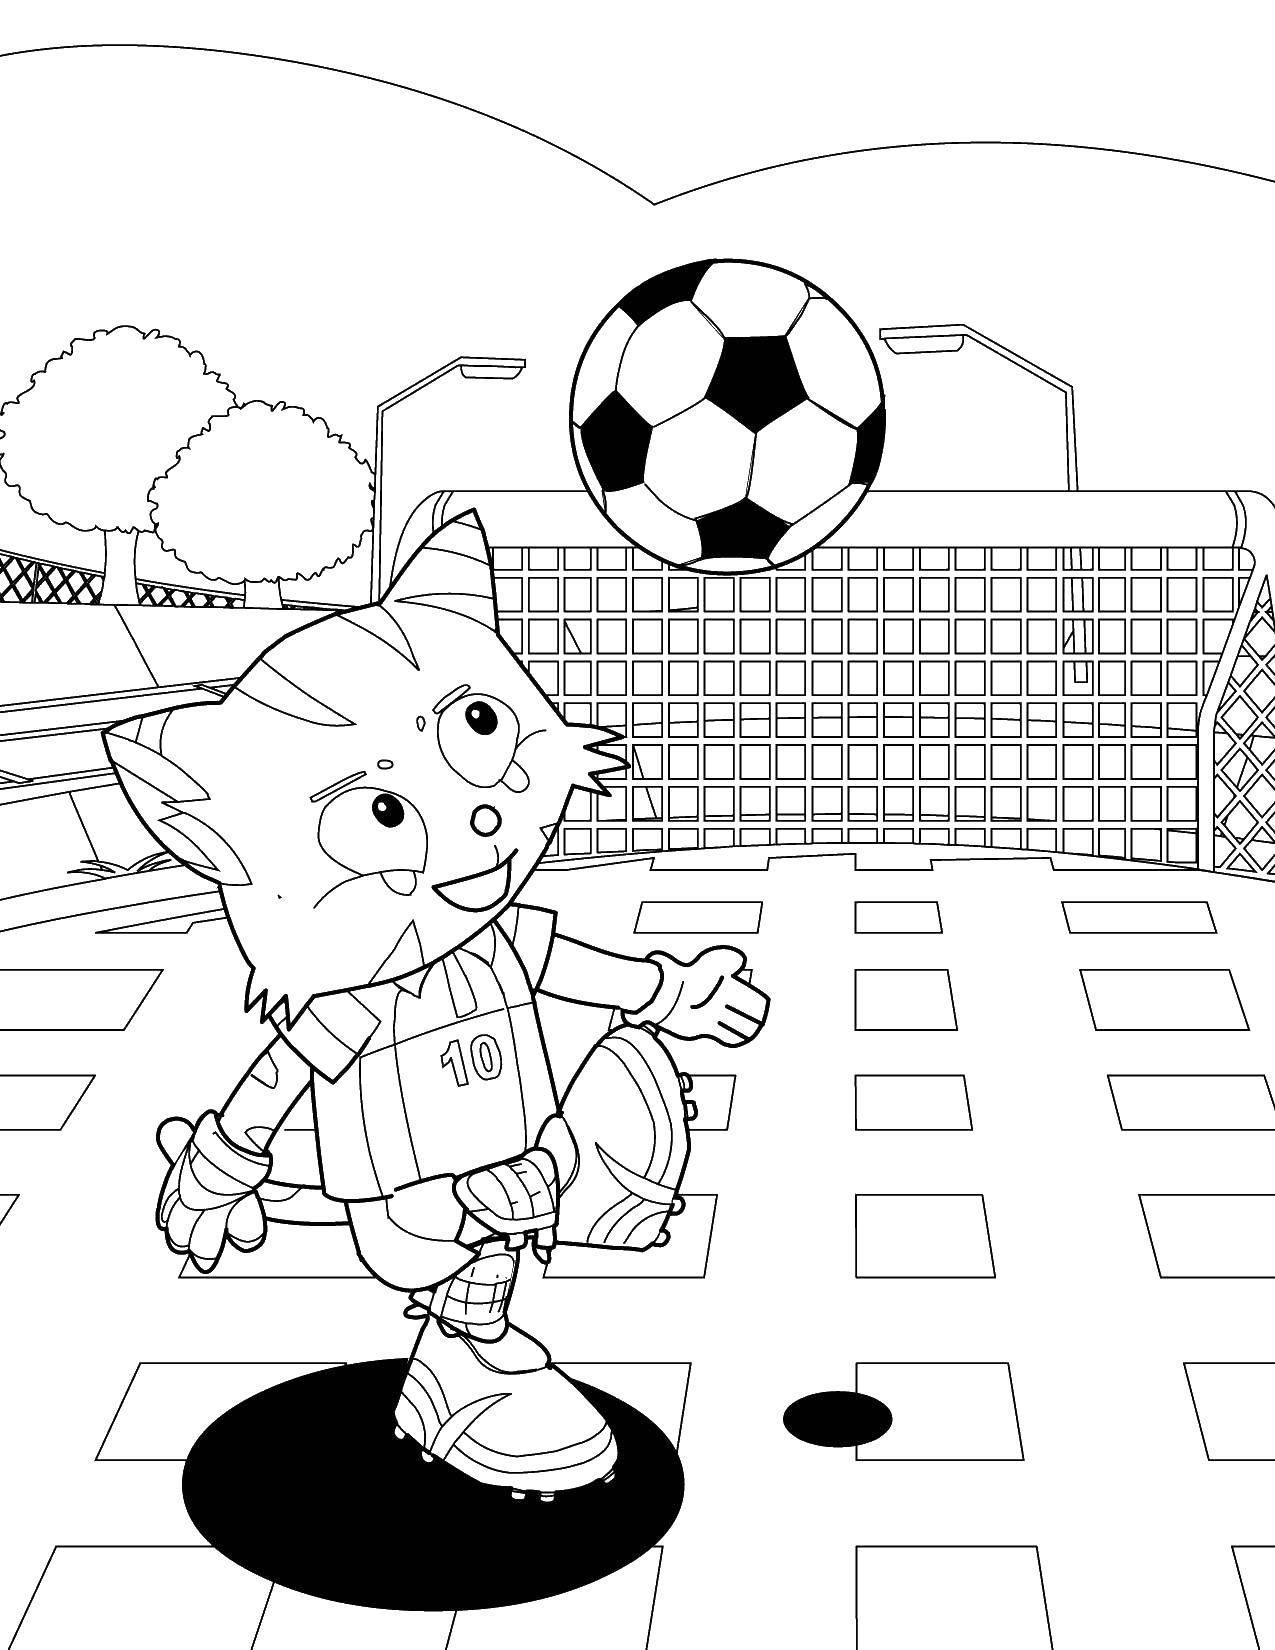 Раскраска Котик играет в футбол Скачать футбол, спорт, котик.  Распечатать ,Футбол,